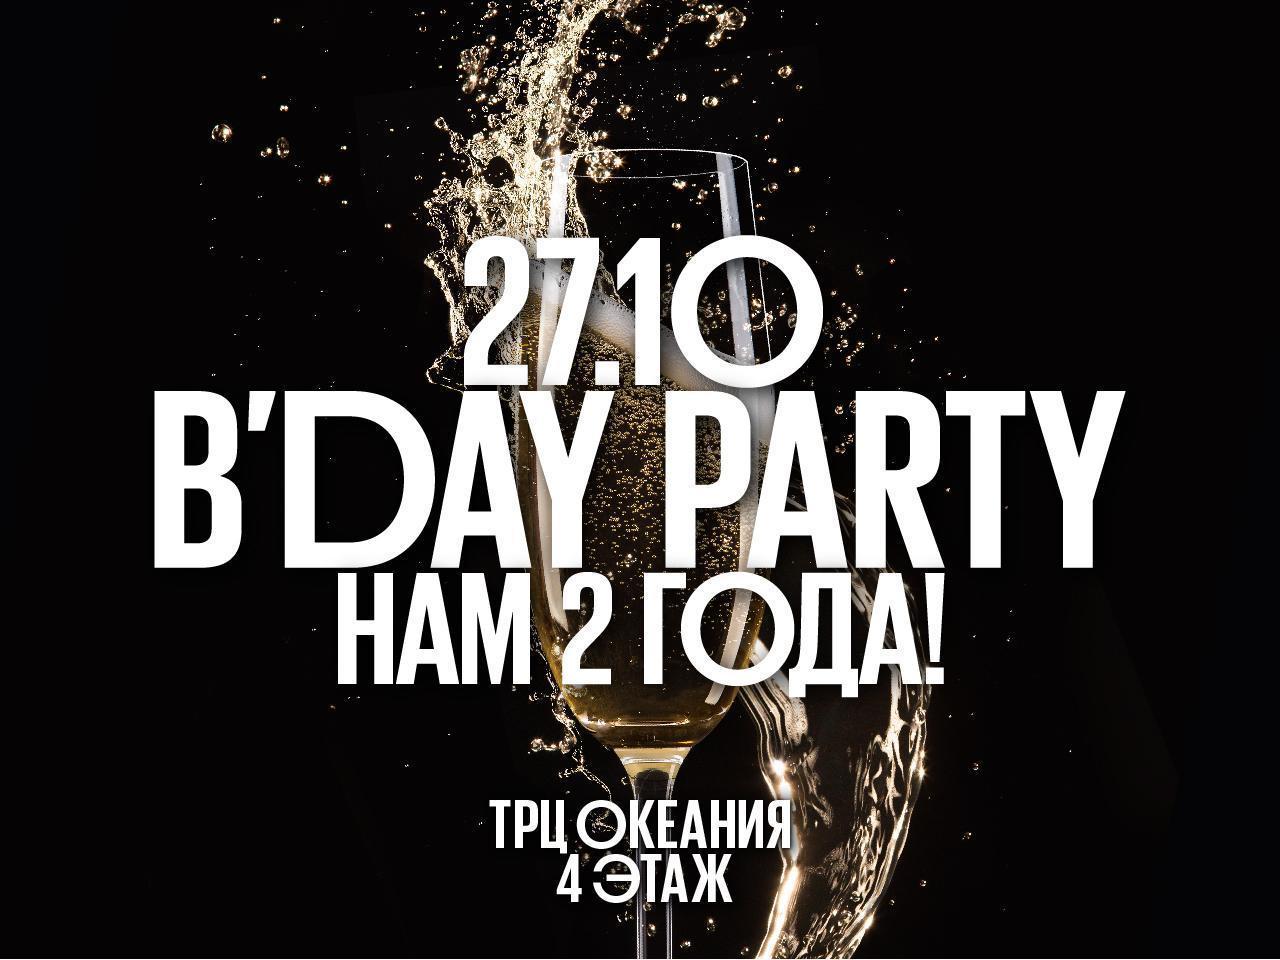 Чайхона №1 в ТЦ Океания отметит свой второй день рождения!